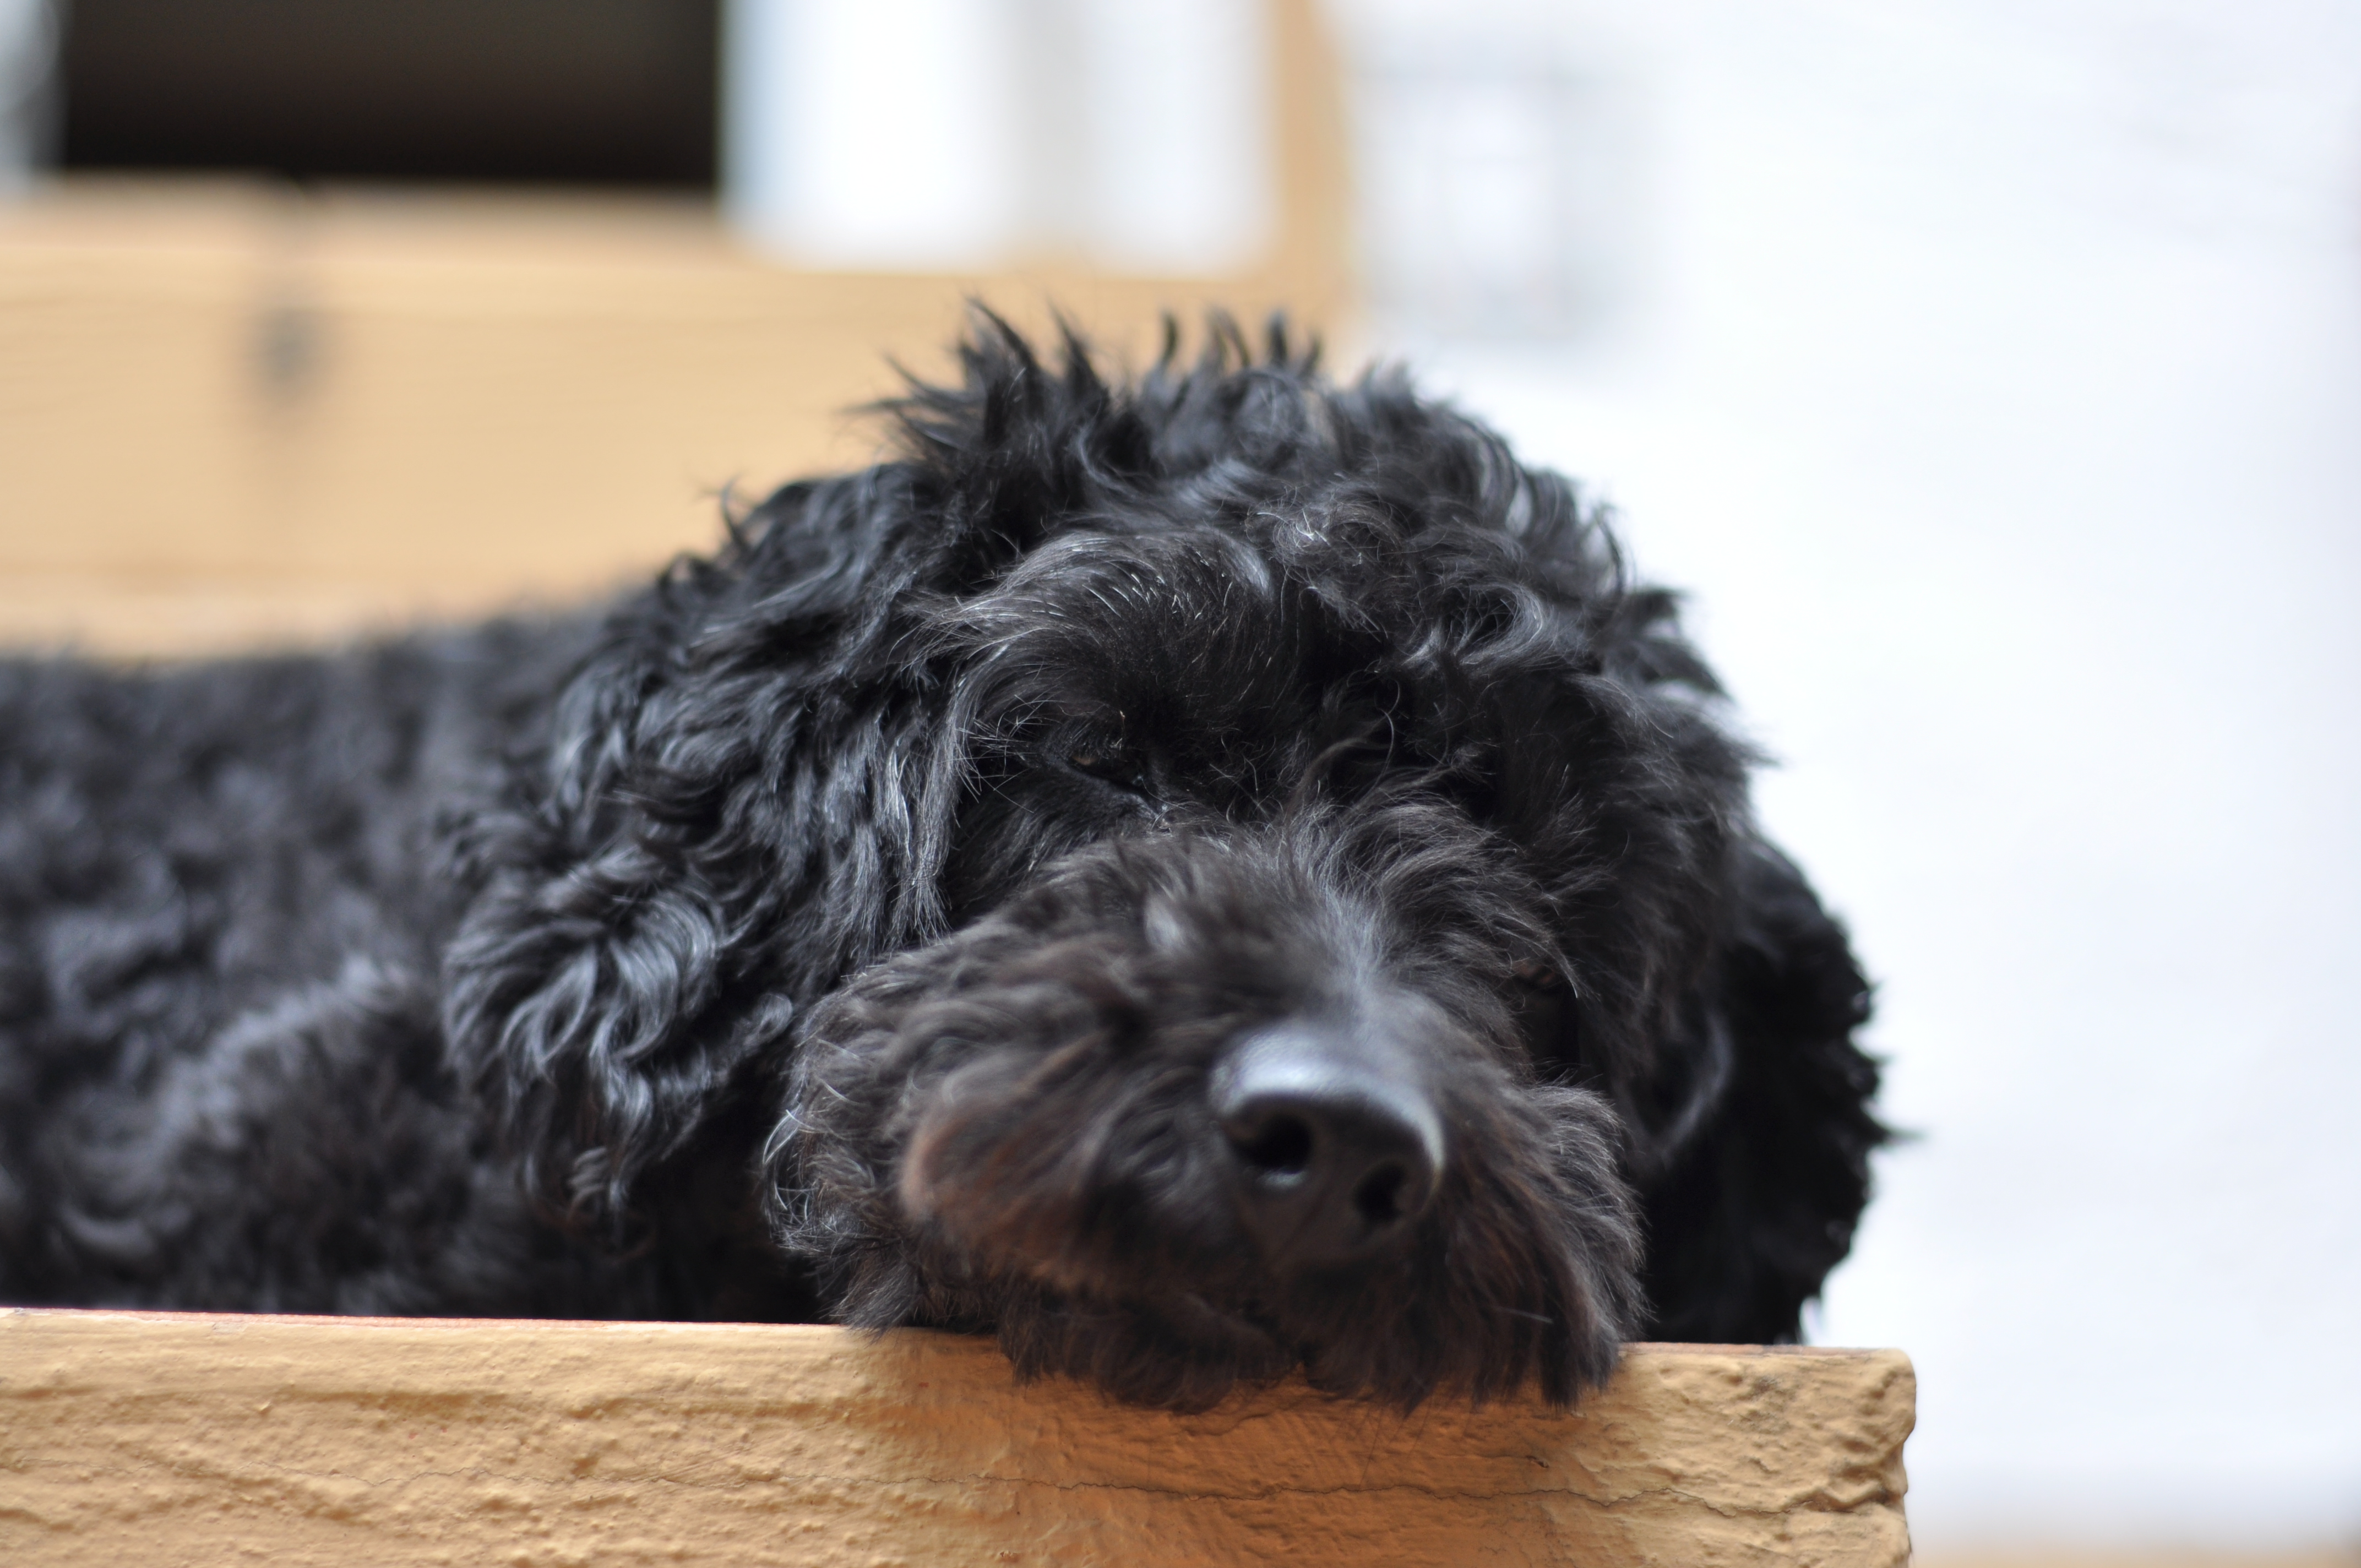 Sleeping Poodle Mix Cc0 Photo